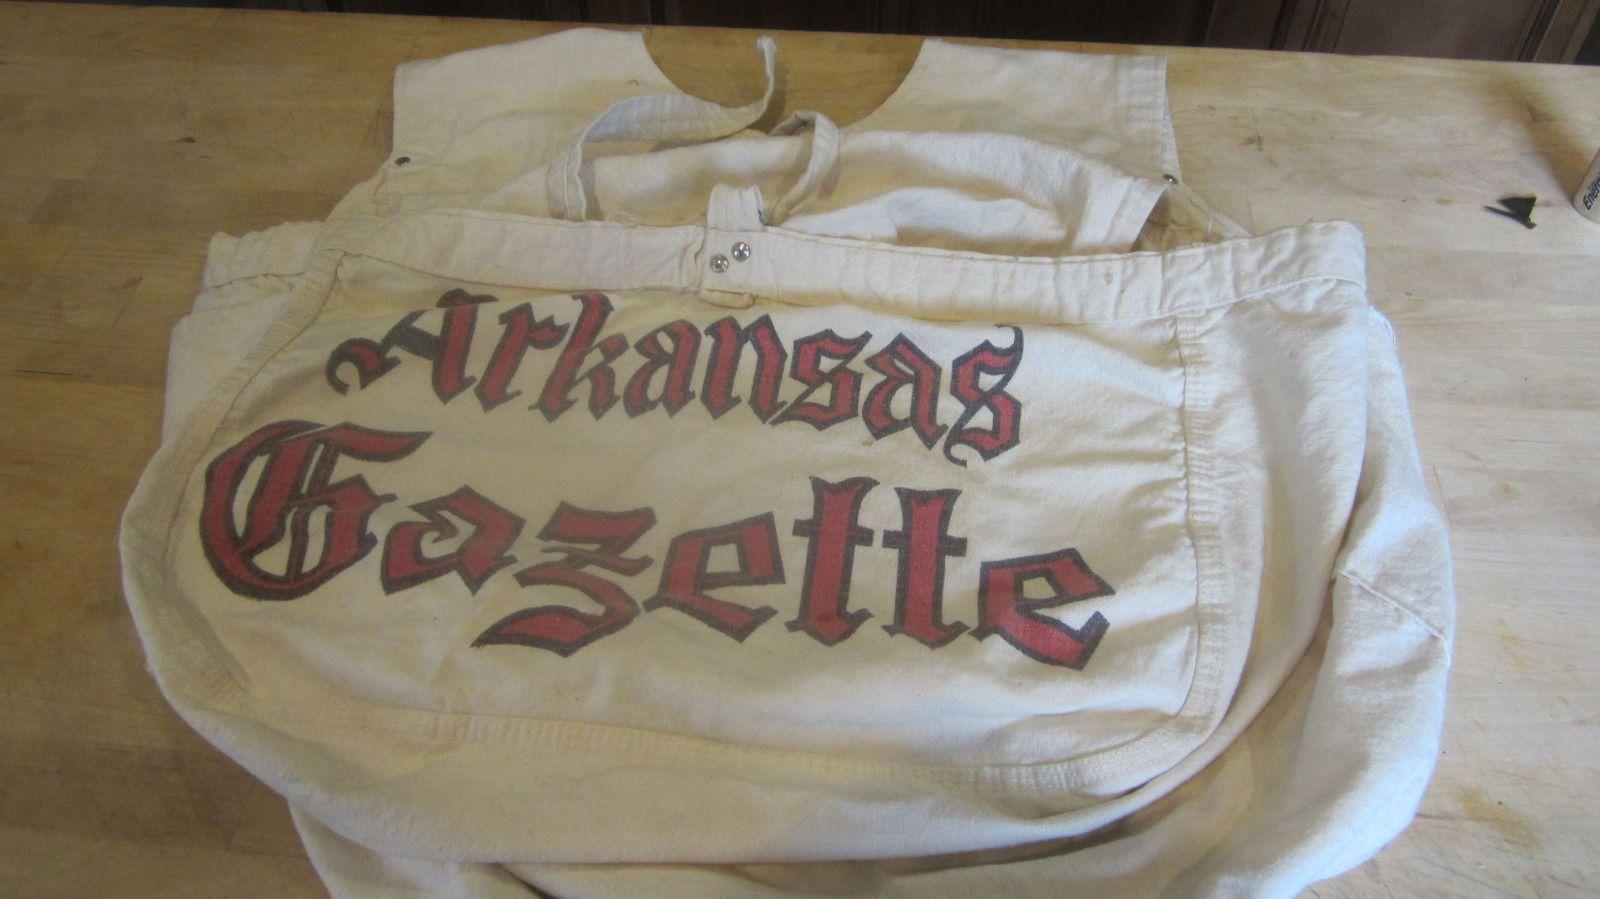 Vintage Newspaper Delivery Bag Arkansas Gazette News Paper Boy Bag Vintage Newspaper Delivery Bag Vintage